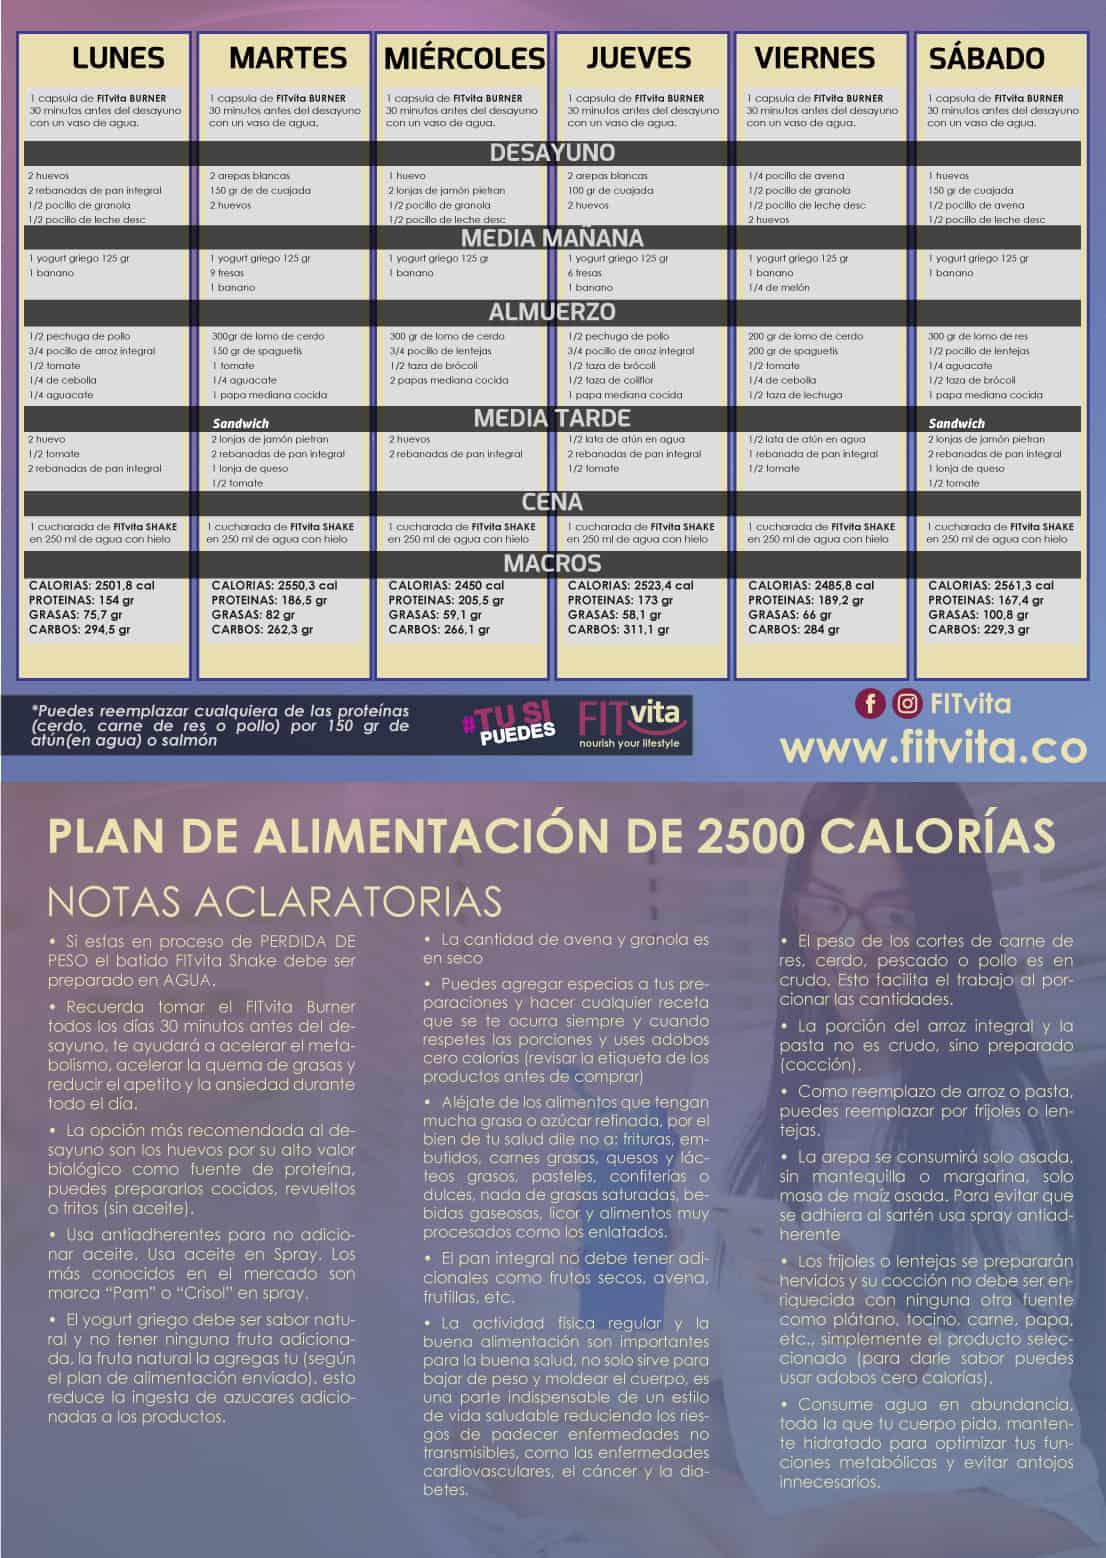 plan de alimentación de 2500 calorías - FITvita